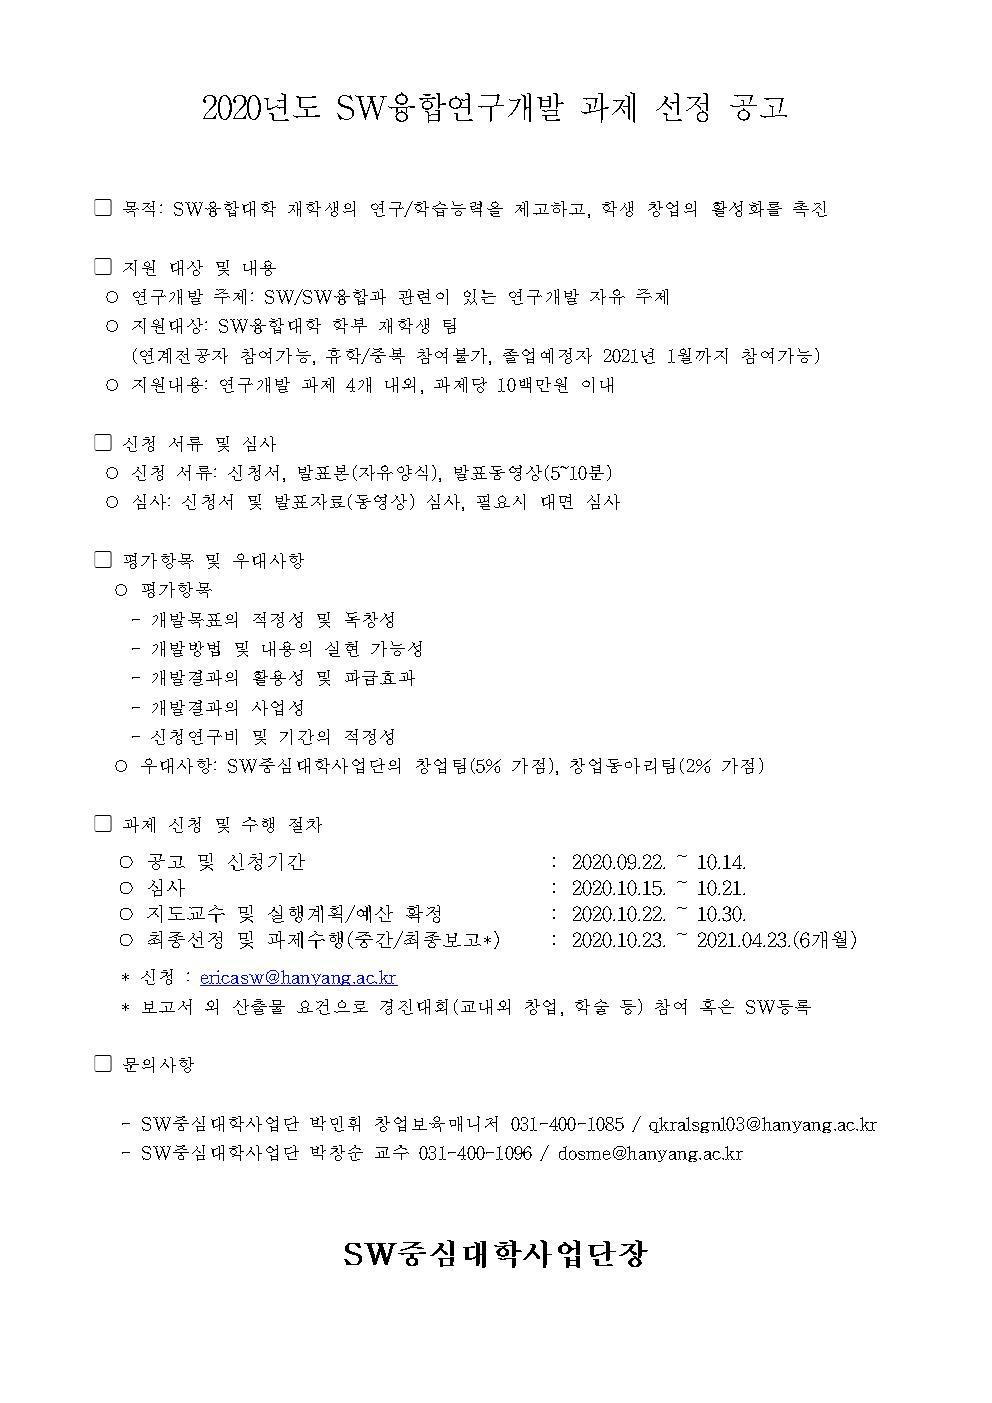 2020_SW융합연구개발_과제_선정 공고(신청기한연장)001.jpg